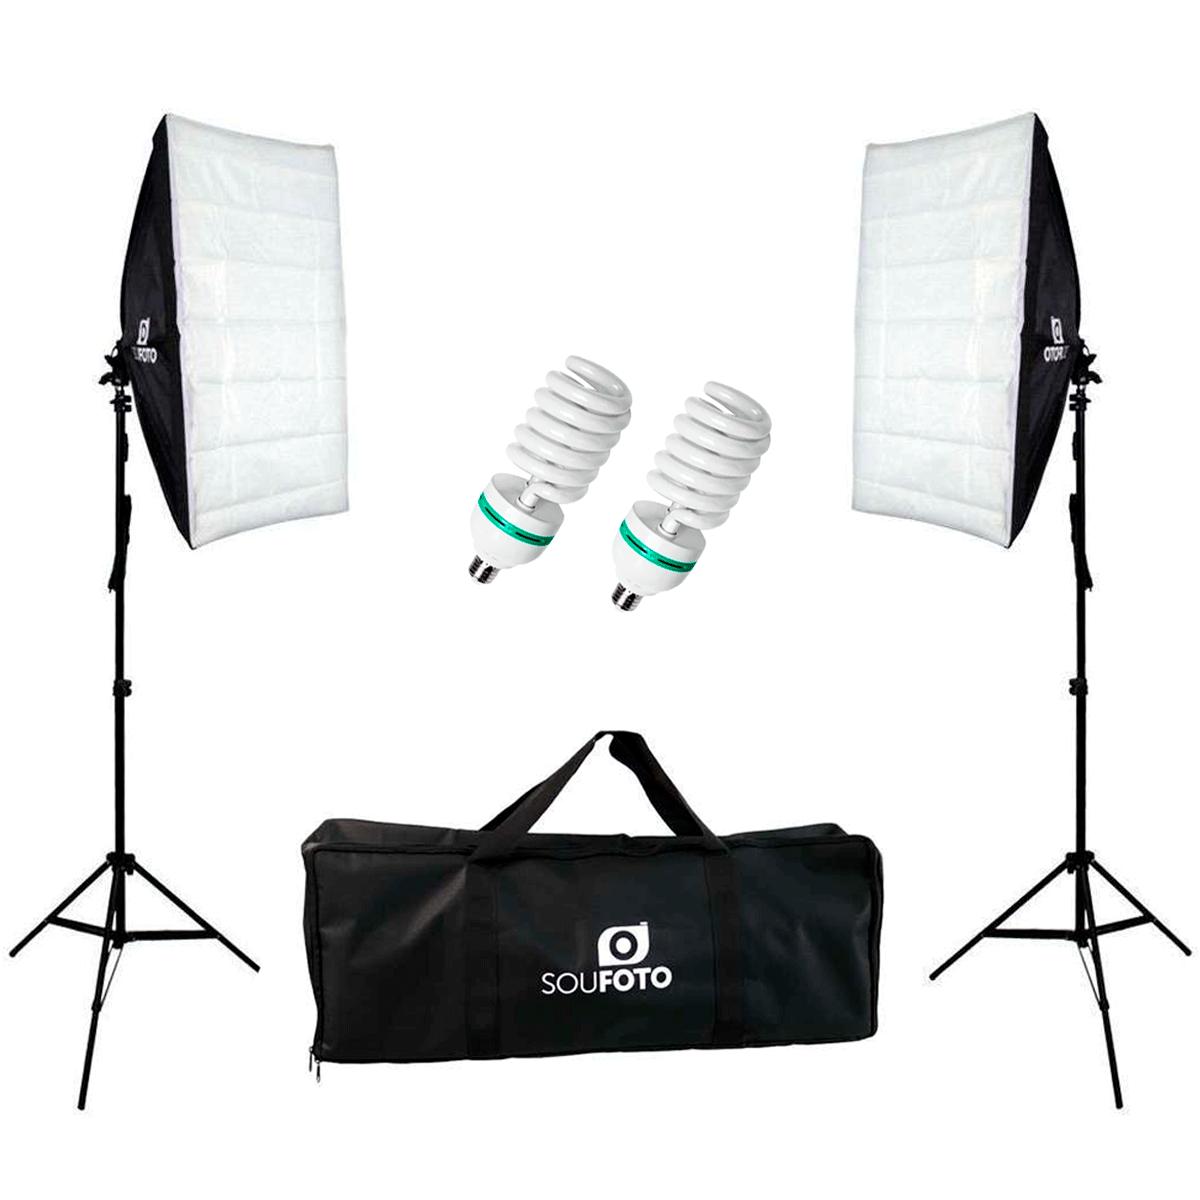 Kit Duplo de Iluminação 220V para Estúdio Fotográfico com Softbox, Tripé, Bolsa de Transporte Sou Foto e Lâmpada 155w